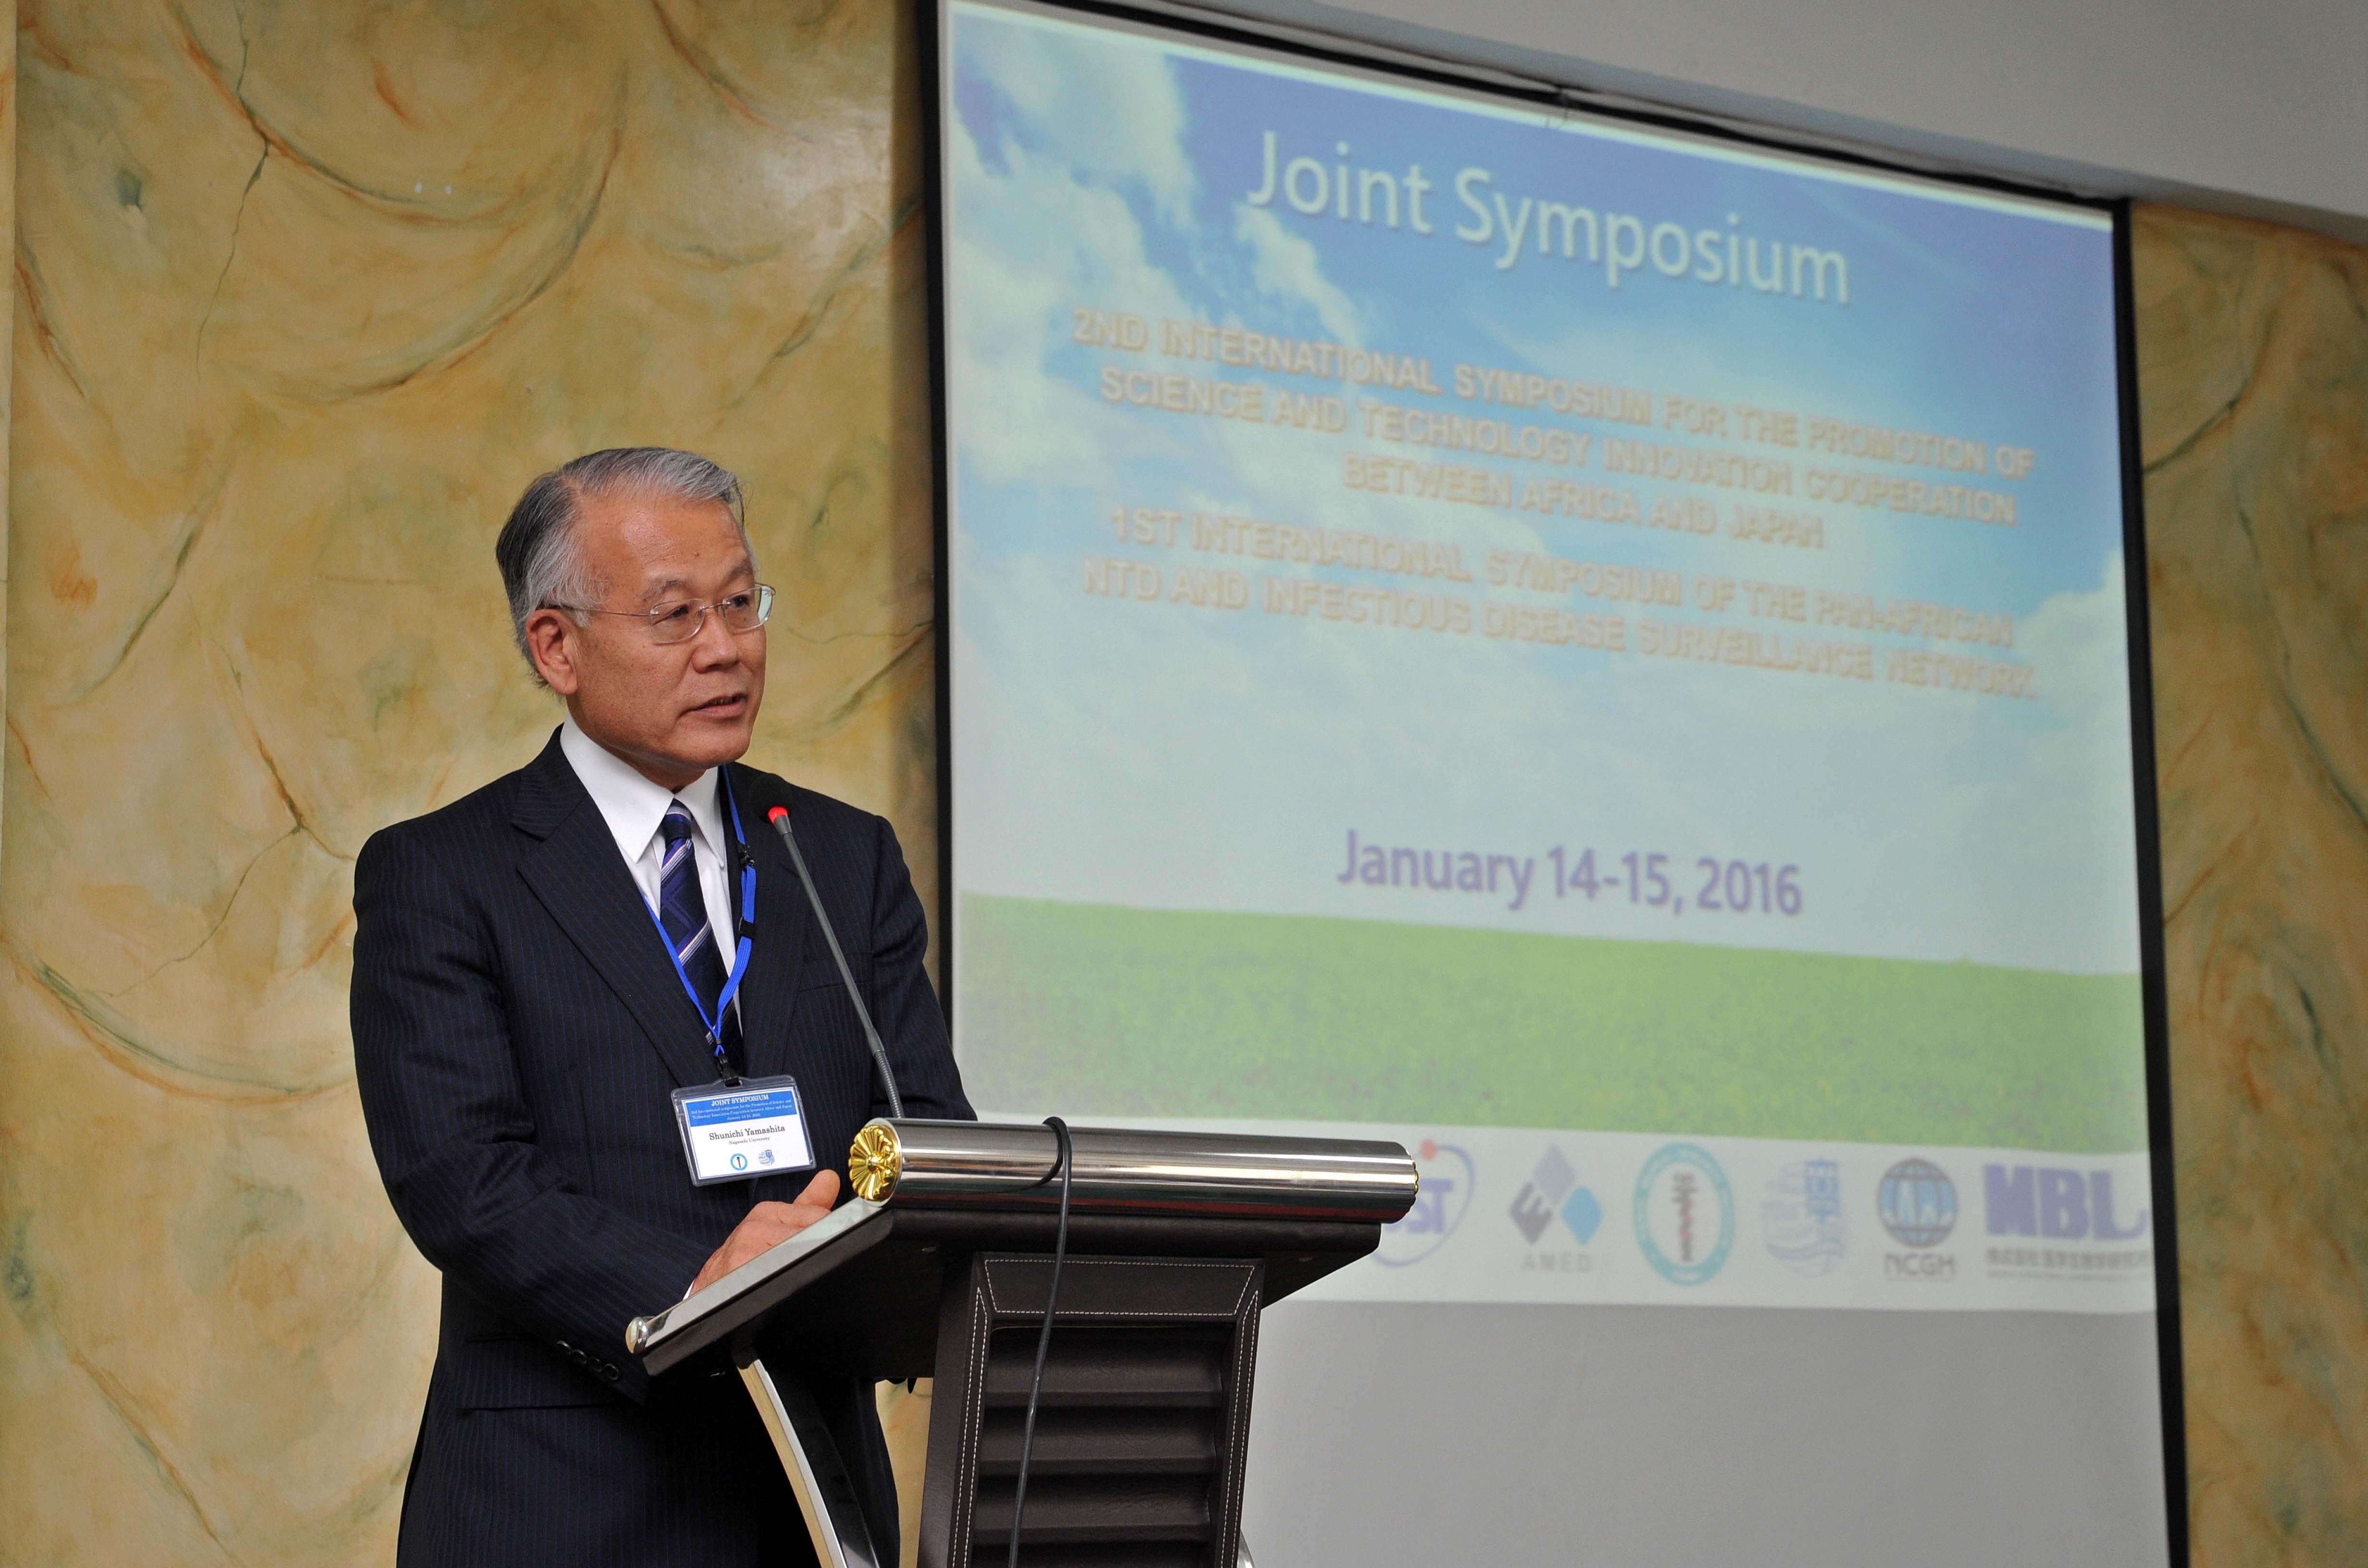 「長崎大学と日本の他大学、長崎大学とケニアが連携していくための重要なイベント」(山下俊一長崎大学理事)